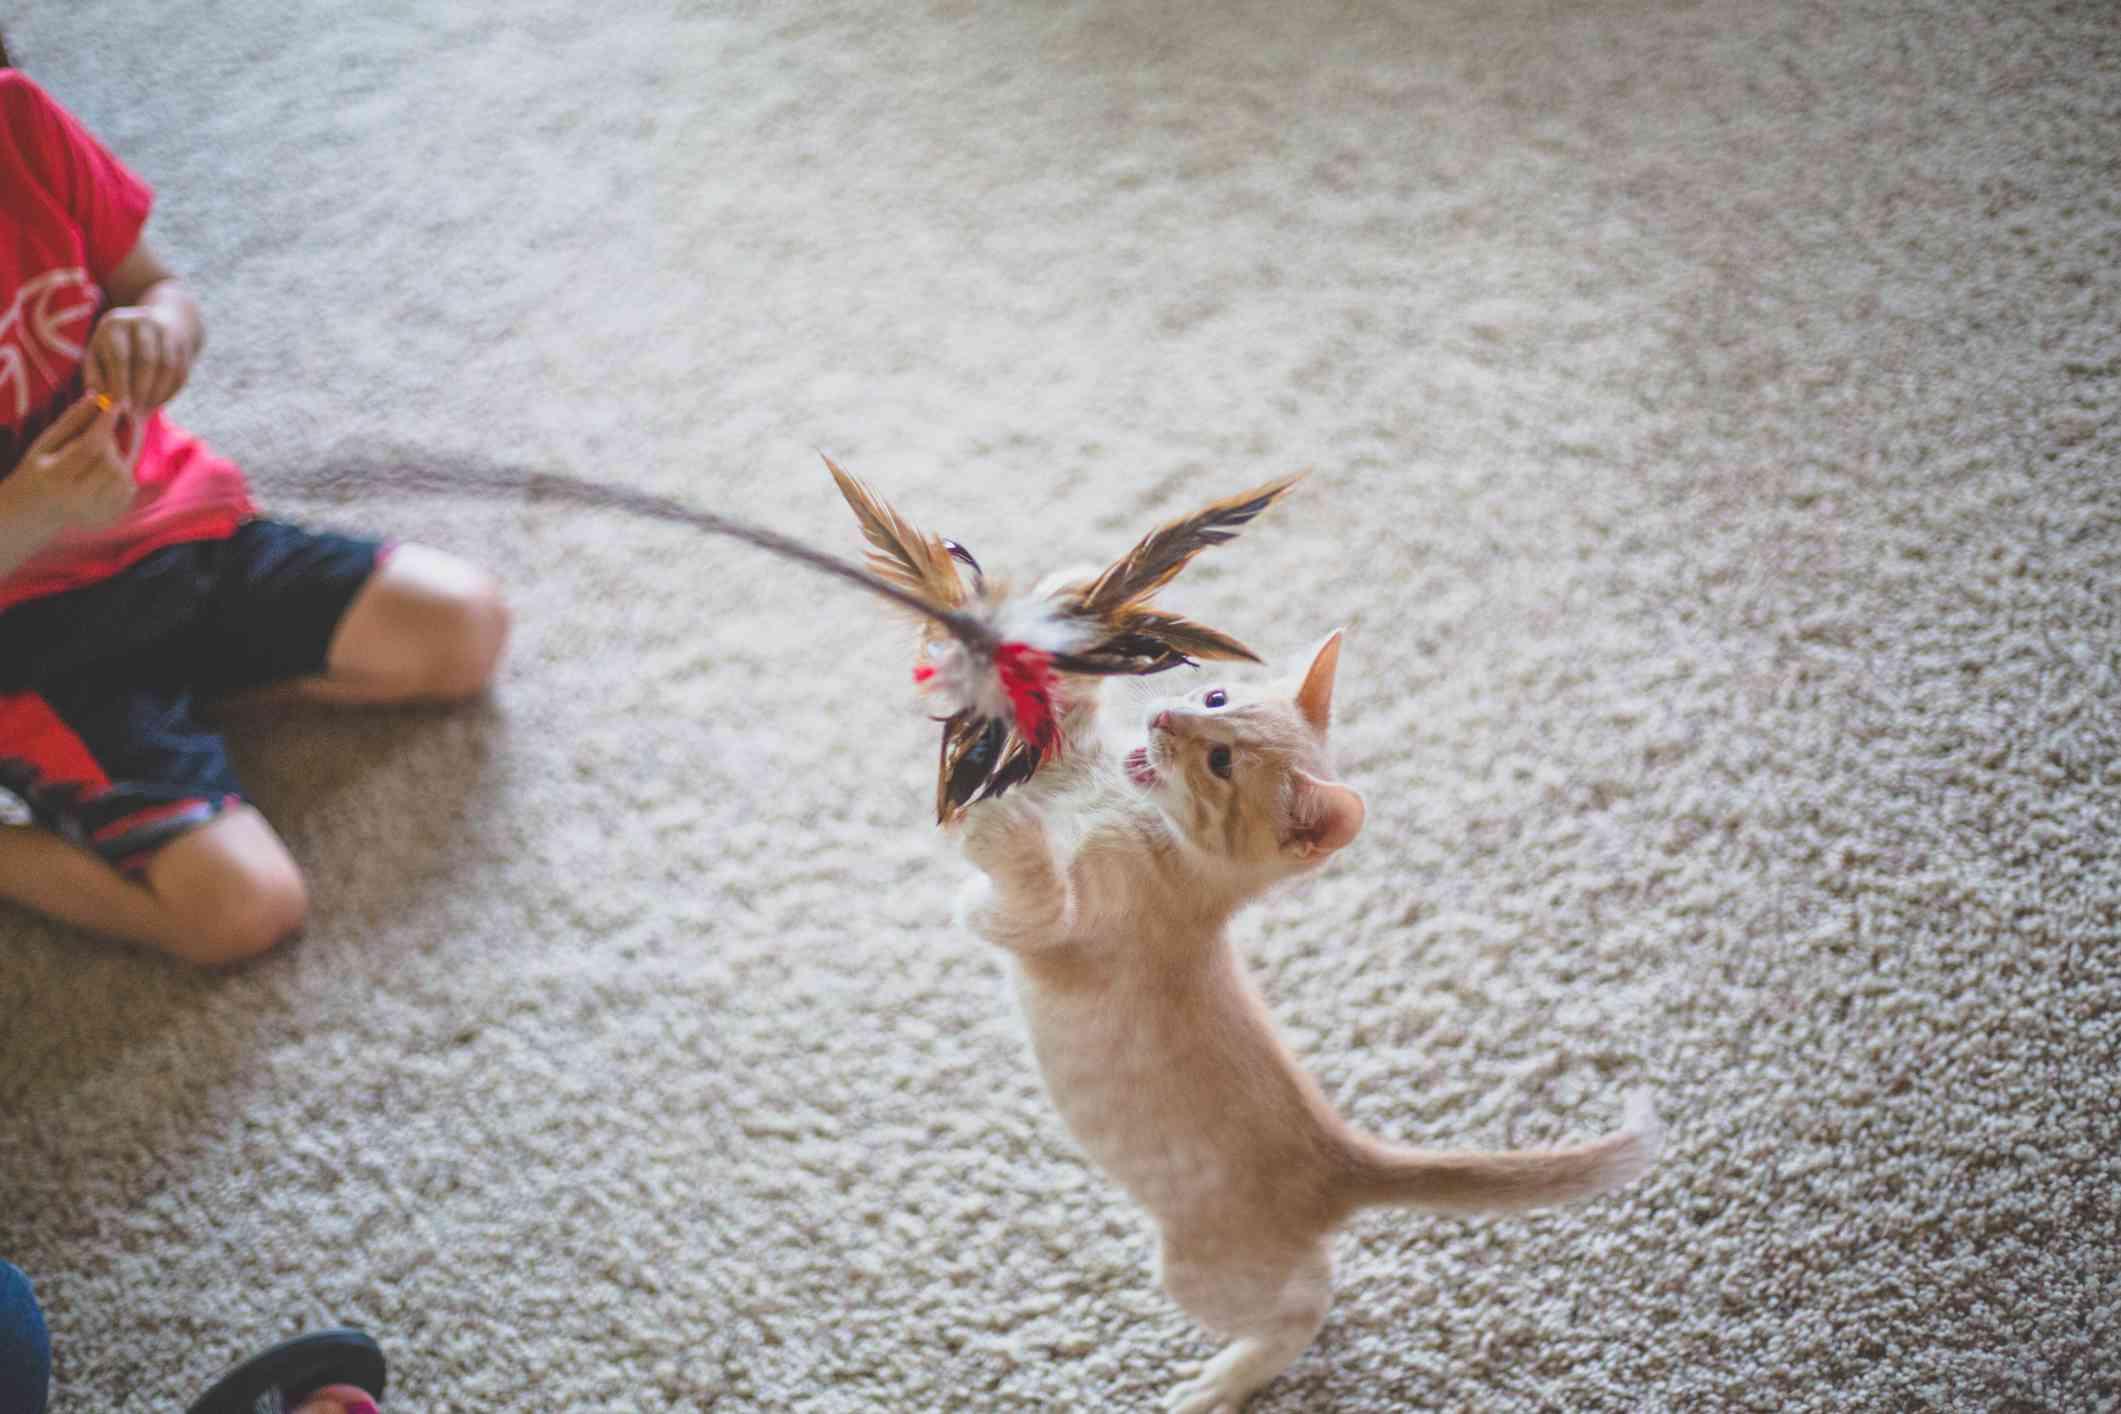 kitten scratching a cat toy